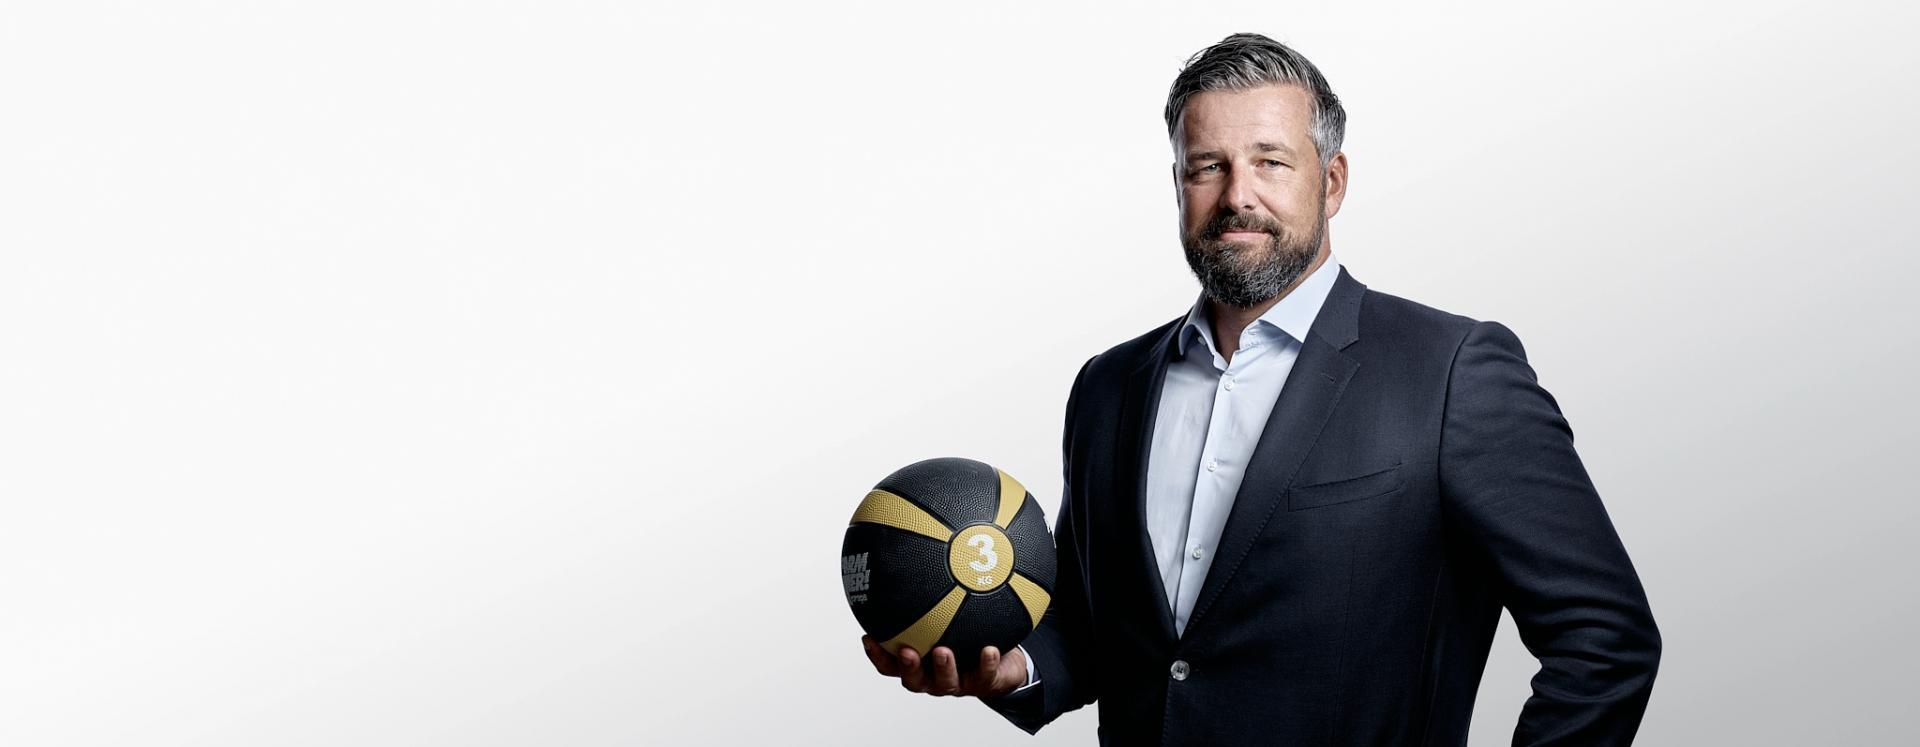 Firmen Fitness: Mann in Anzug mit Basketball